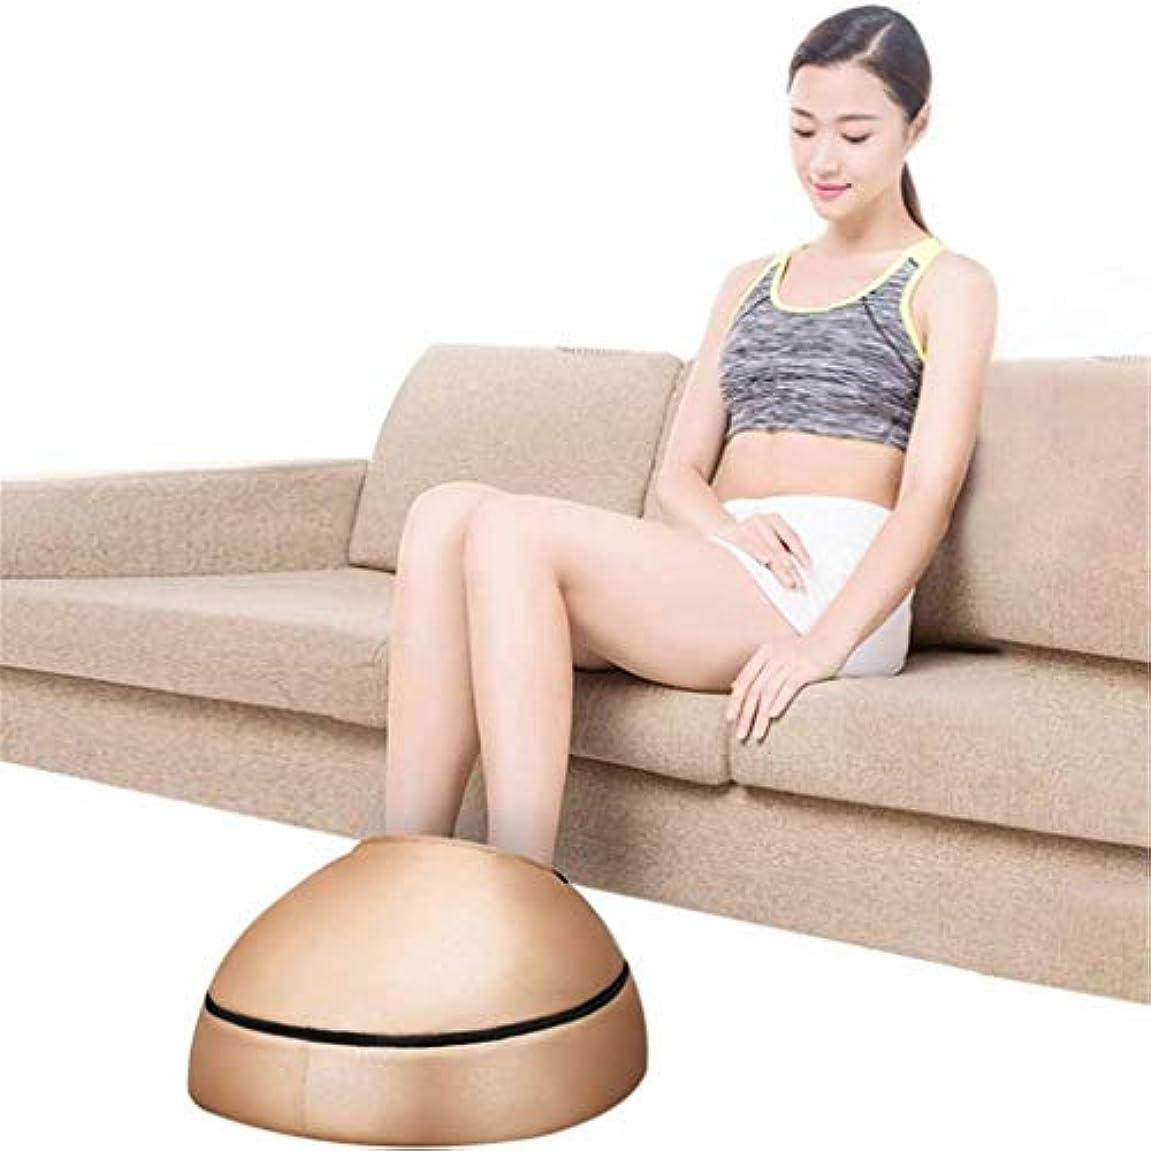 試す感動する伴う電動フットマッサージャー、革ローラーマッサージマッサージャー、赤外線加熱圧力混練マッサージ、ストレス/痛みの緩和、血液循環の促進